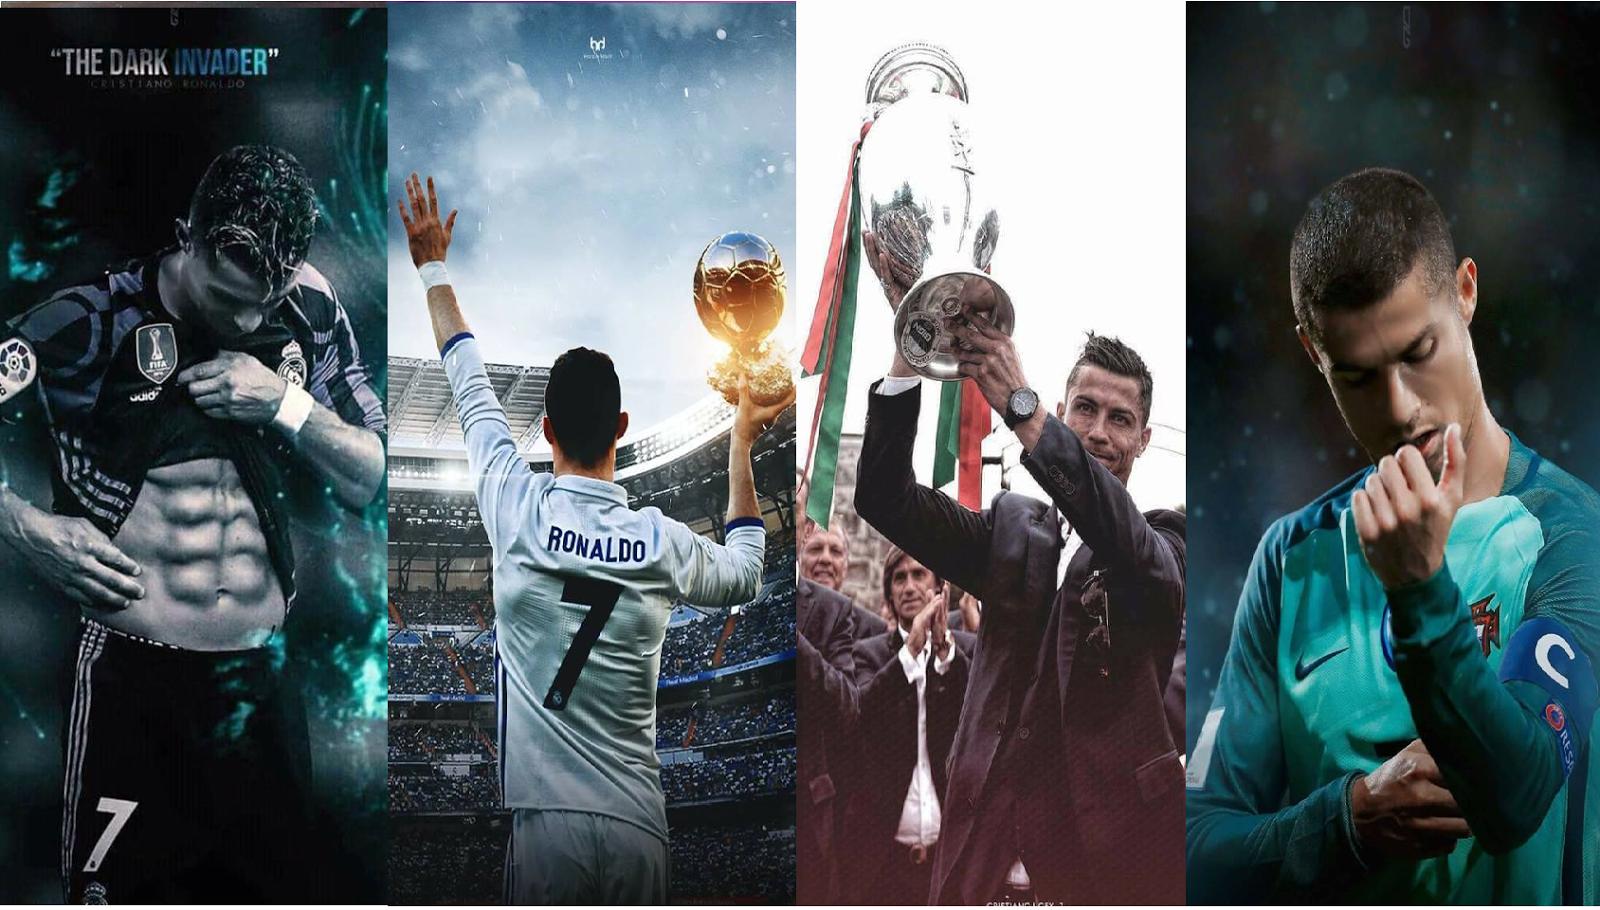 Ảnh Ronaldo đẹp 2